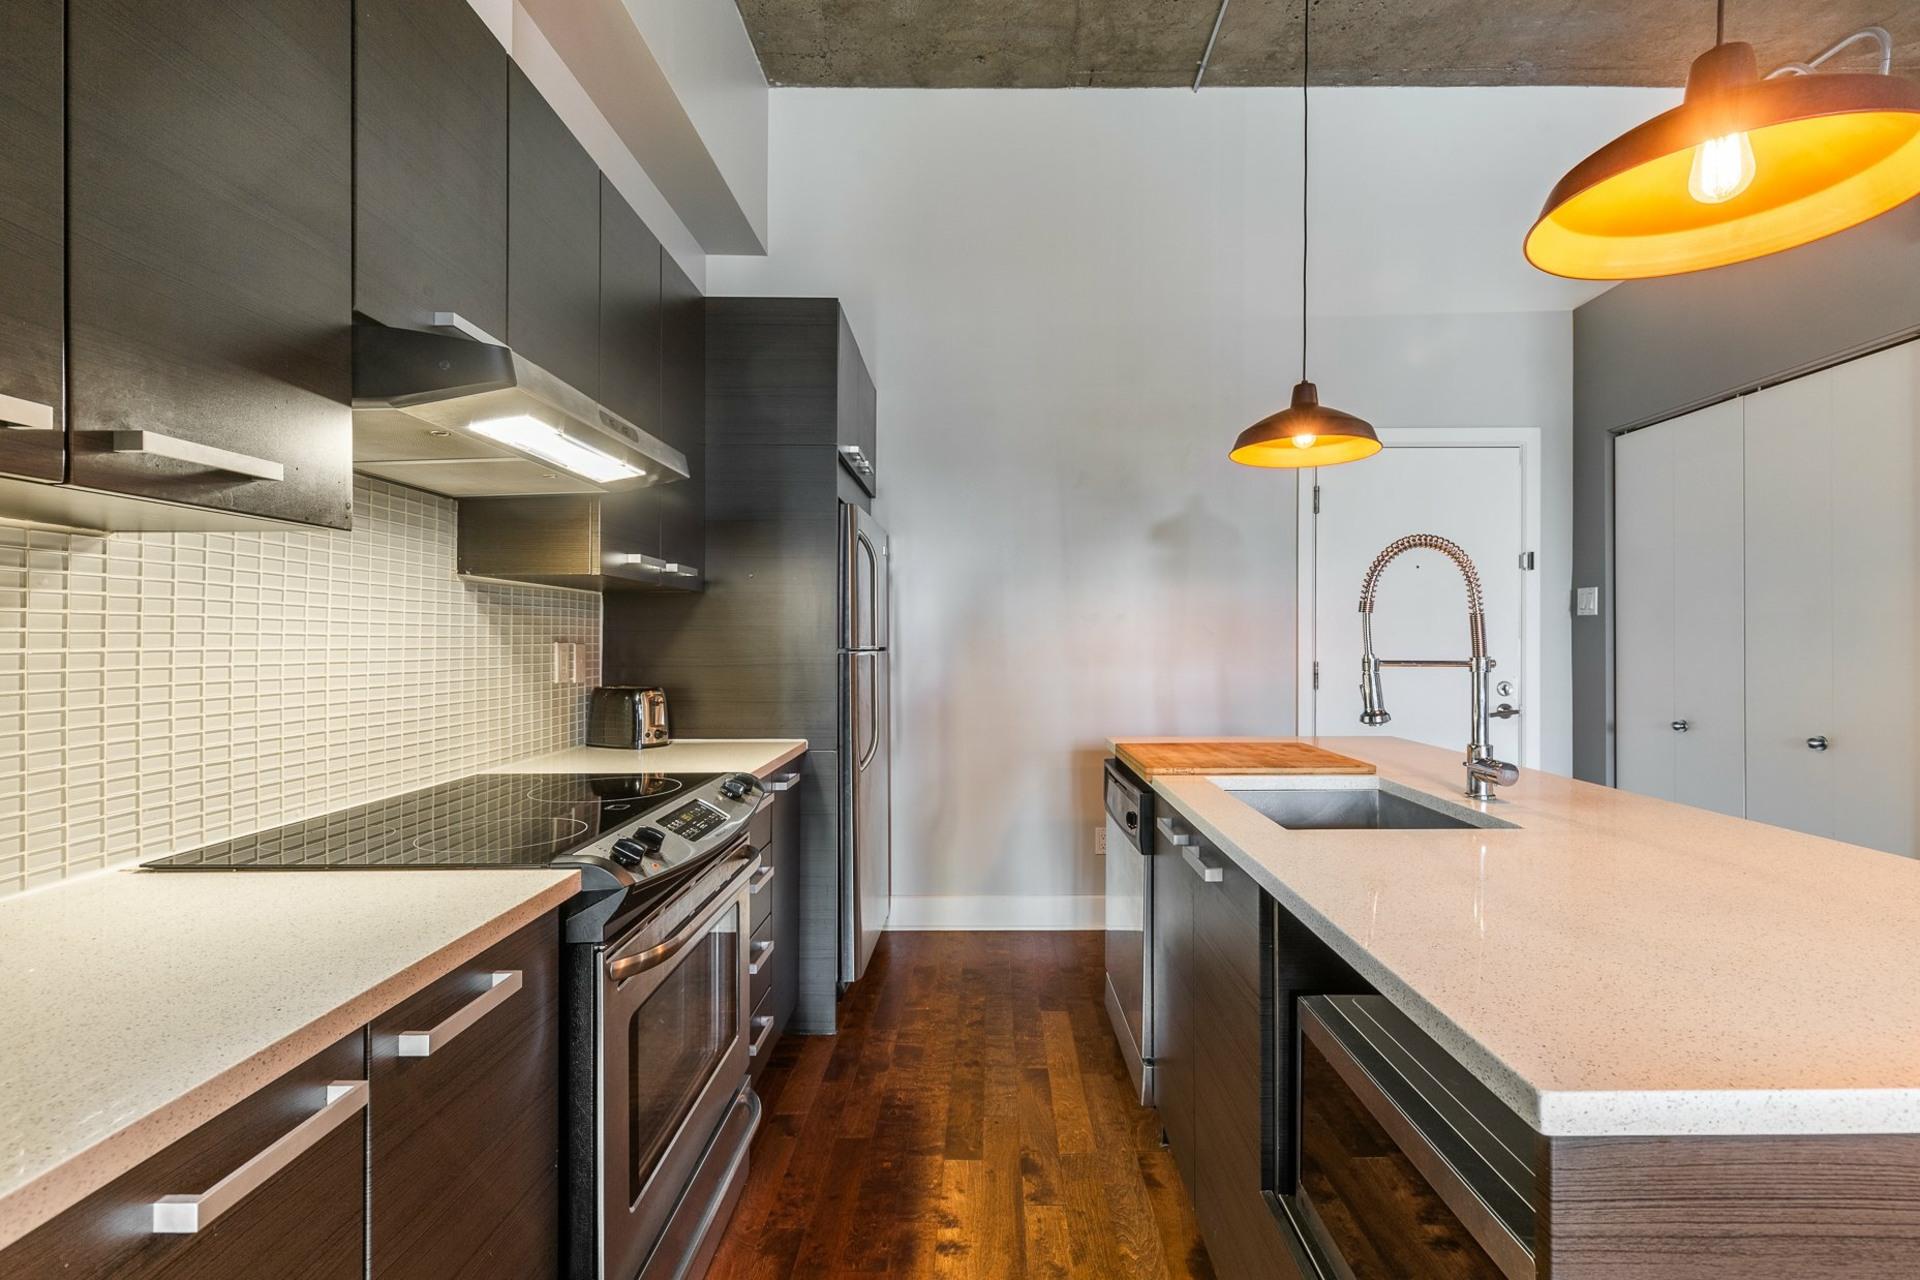 image 6 - Appartement À vendre Villeray/Saint-Michel/Parc-Extension Montréal  - 1 pièce